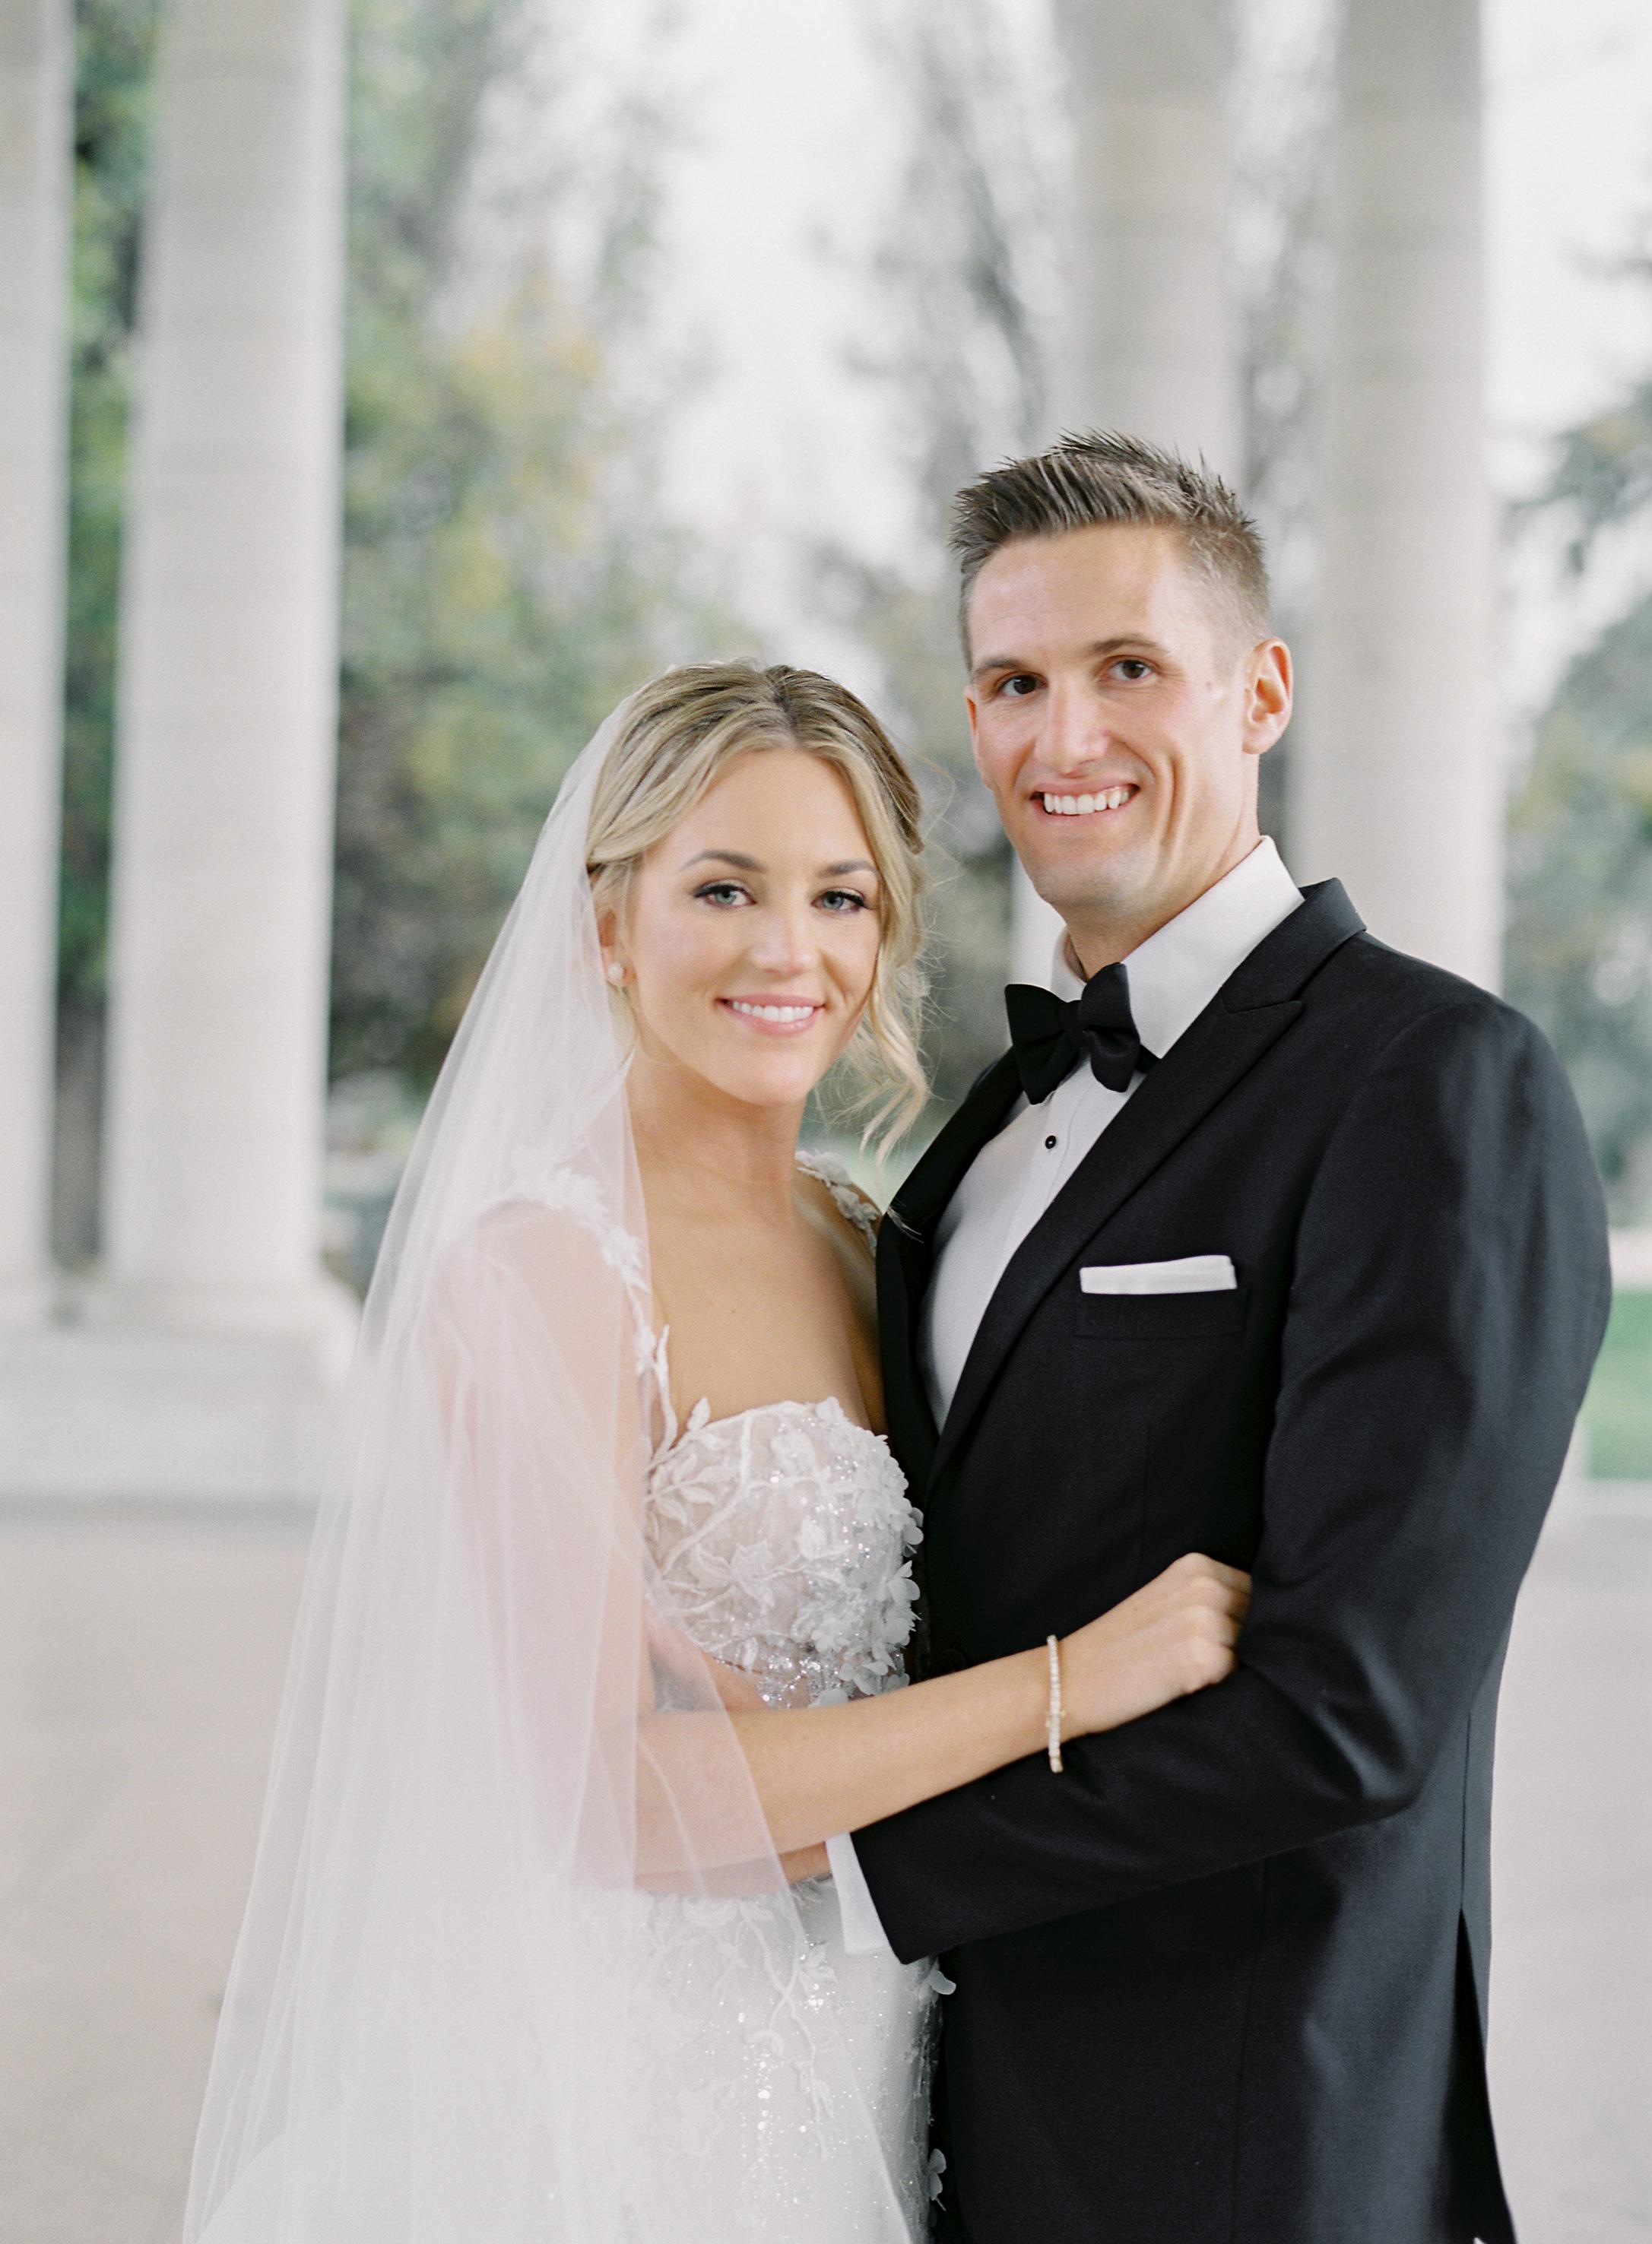 Sarah and John Wedding-Carrie King Photographer-12.jpg